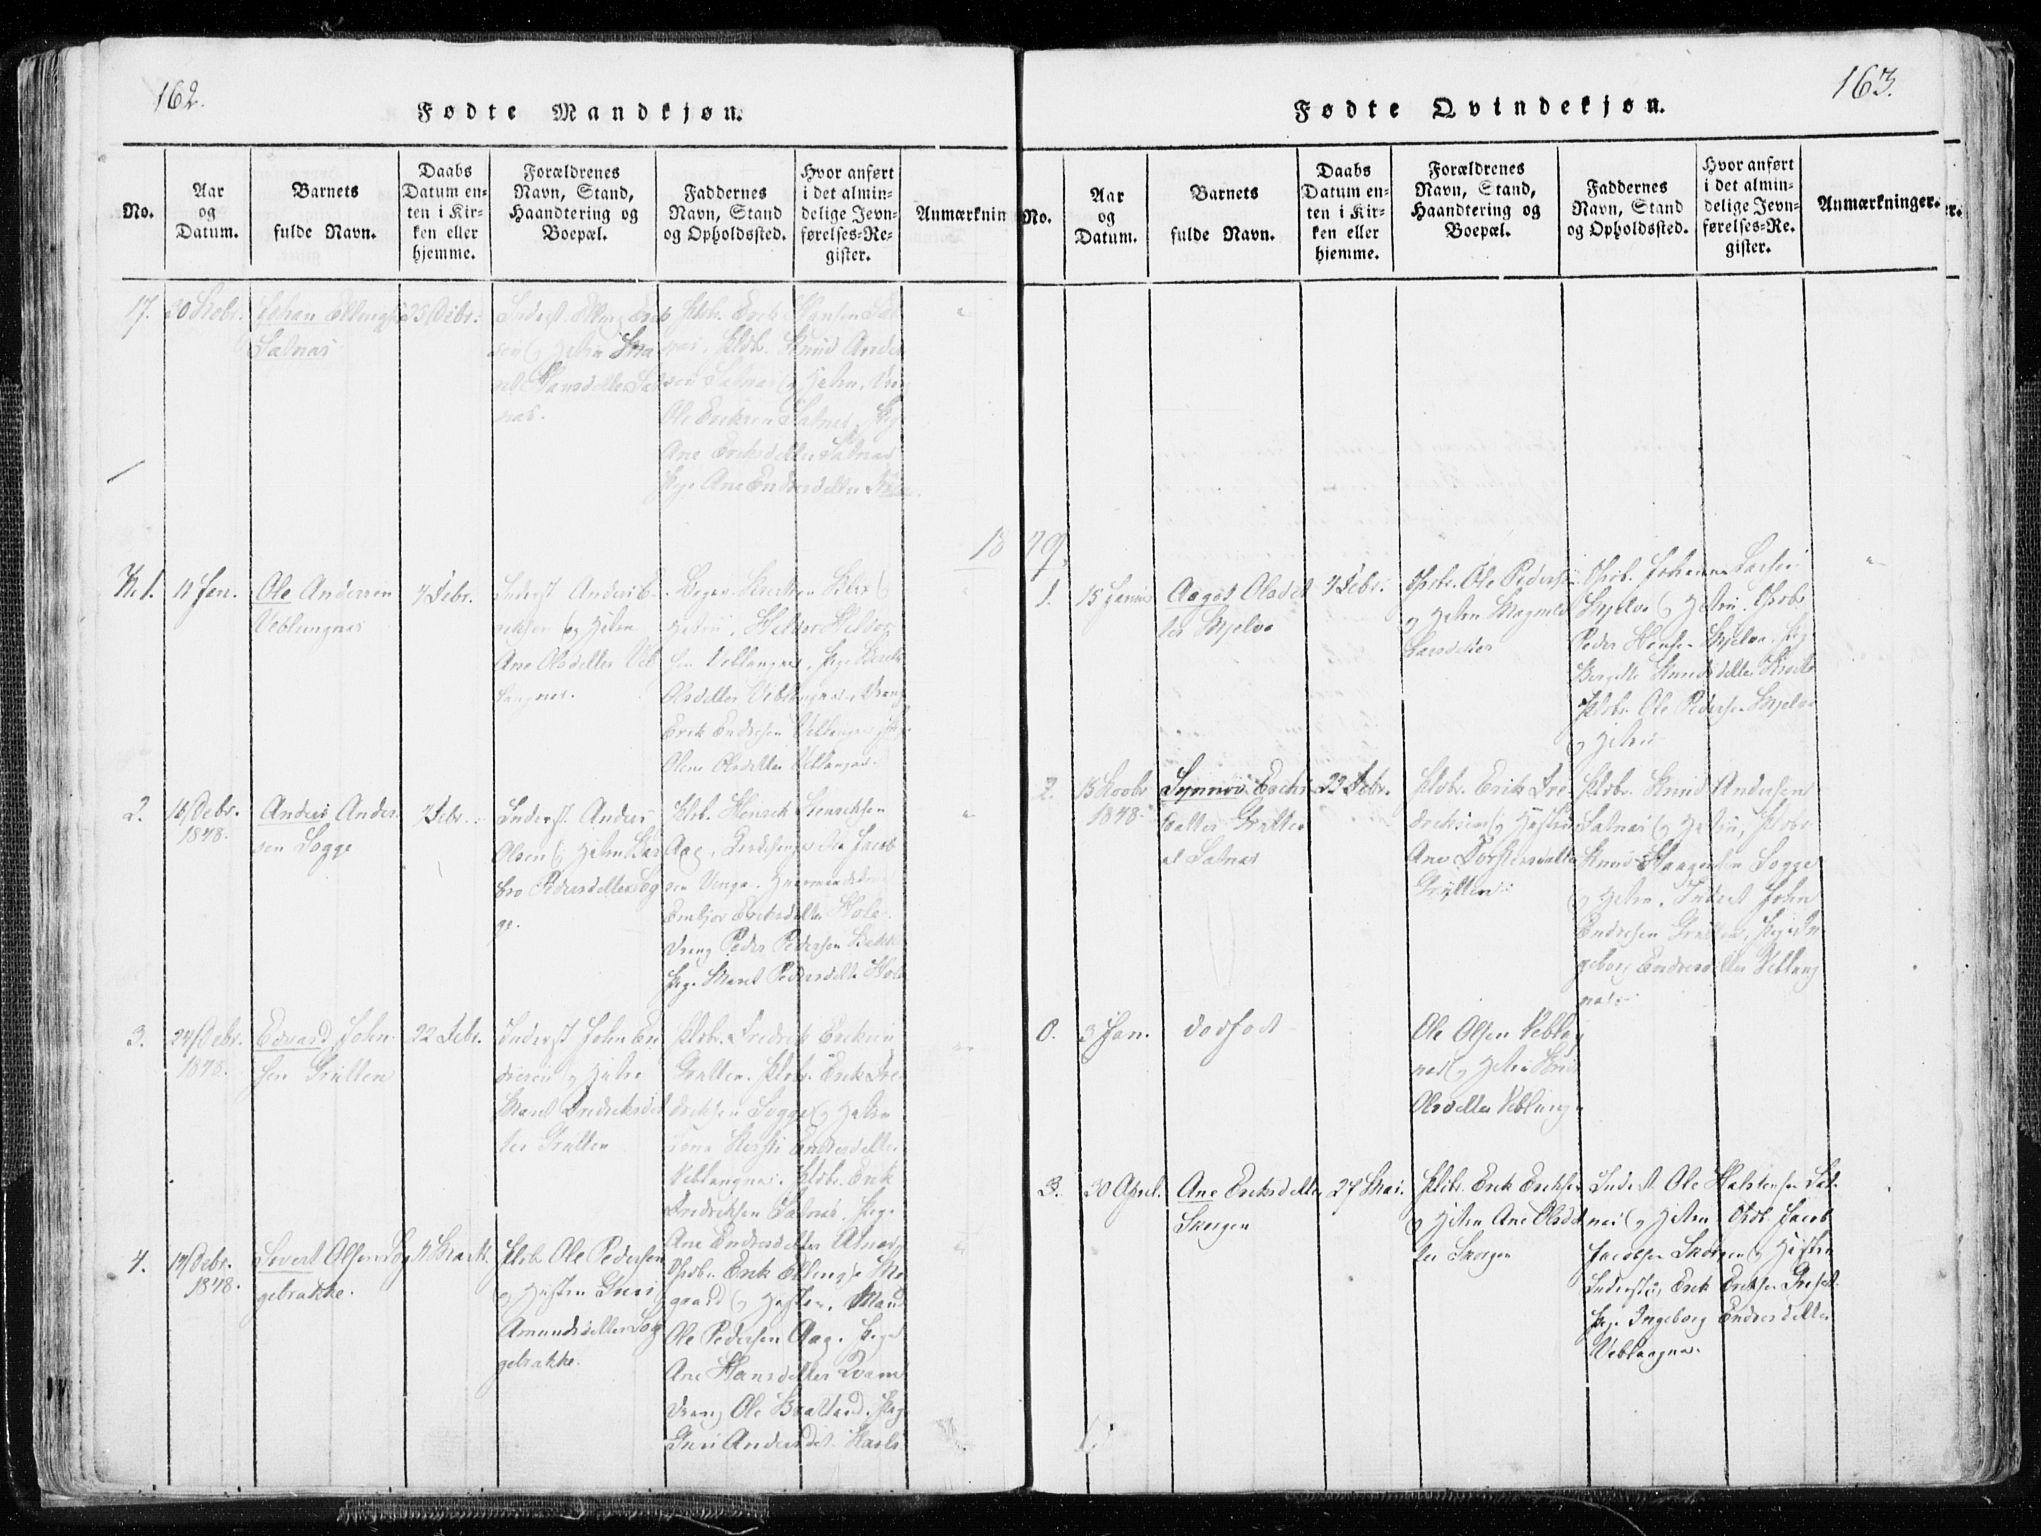 SAT, Ministerialprotokoller, klokkerbøker og fødselsregistre - Møre og Romsdal, 544/L0571: Ministerialbok nr. 544A04, 1818-1853, s. 162-163